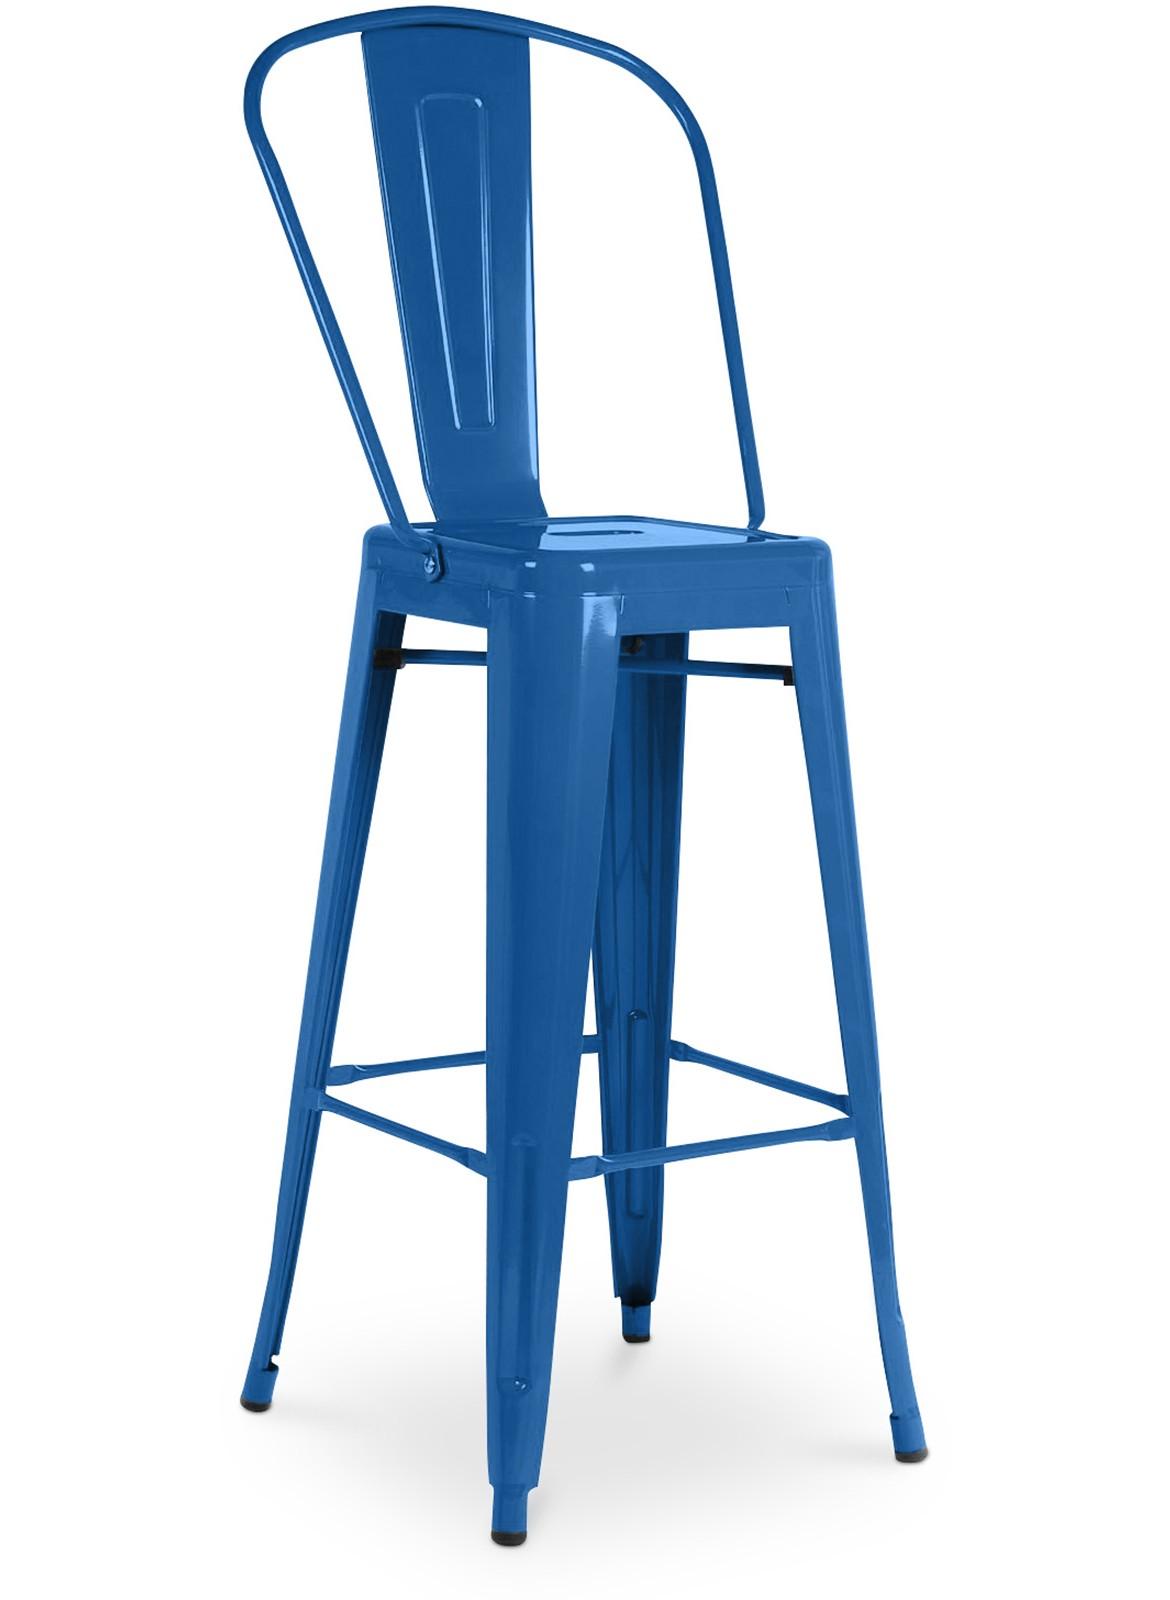 tabouret avec grand dossier de tolix en acier laqu bleu oc an. Black Bedroom Furniture Sets. Home Design Ideas